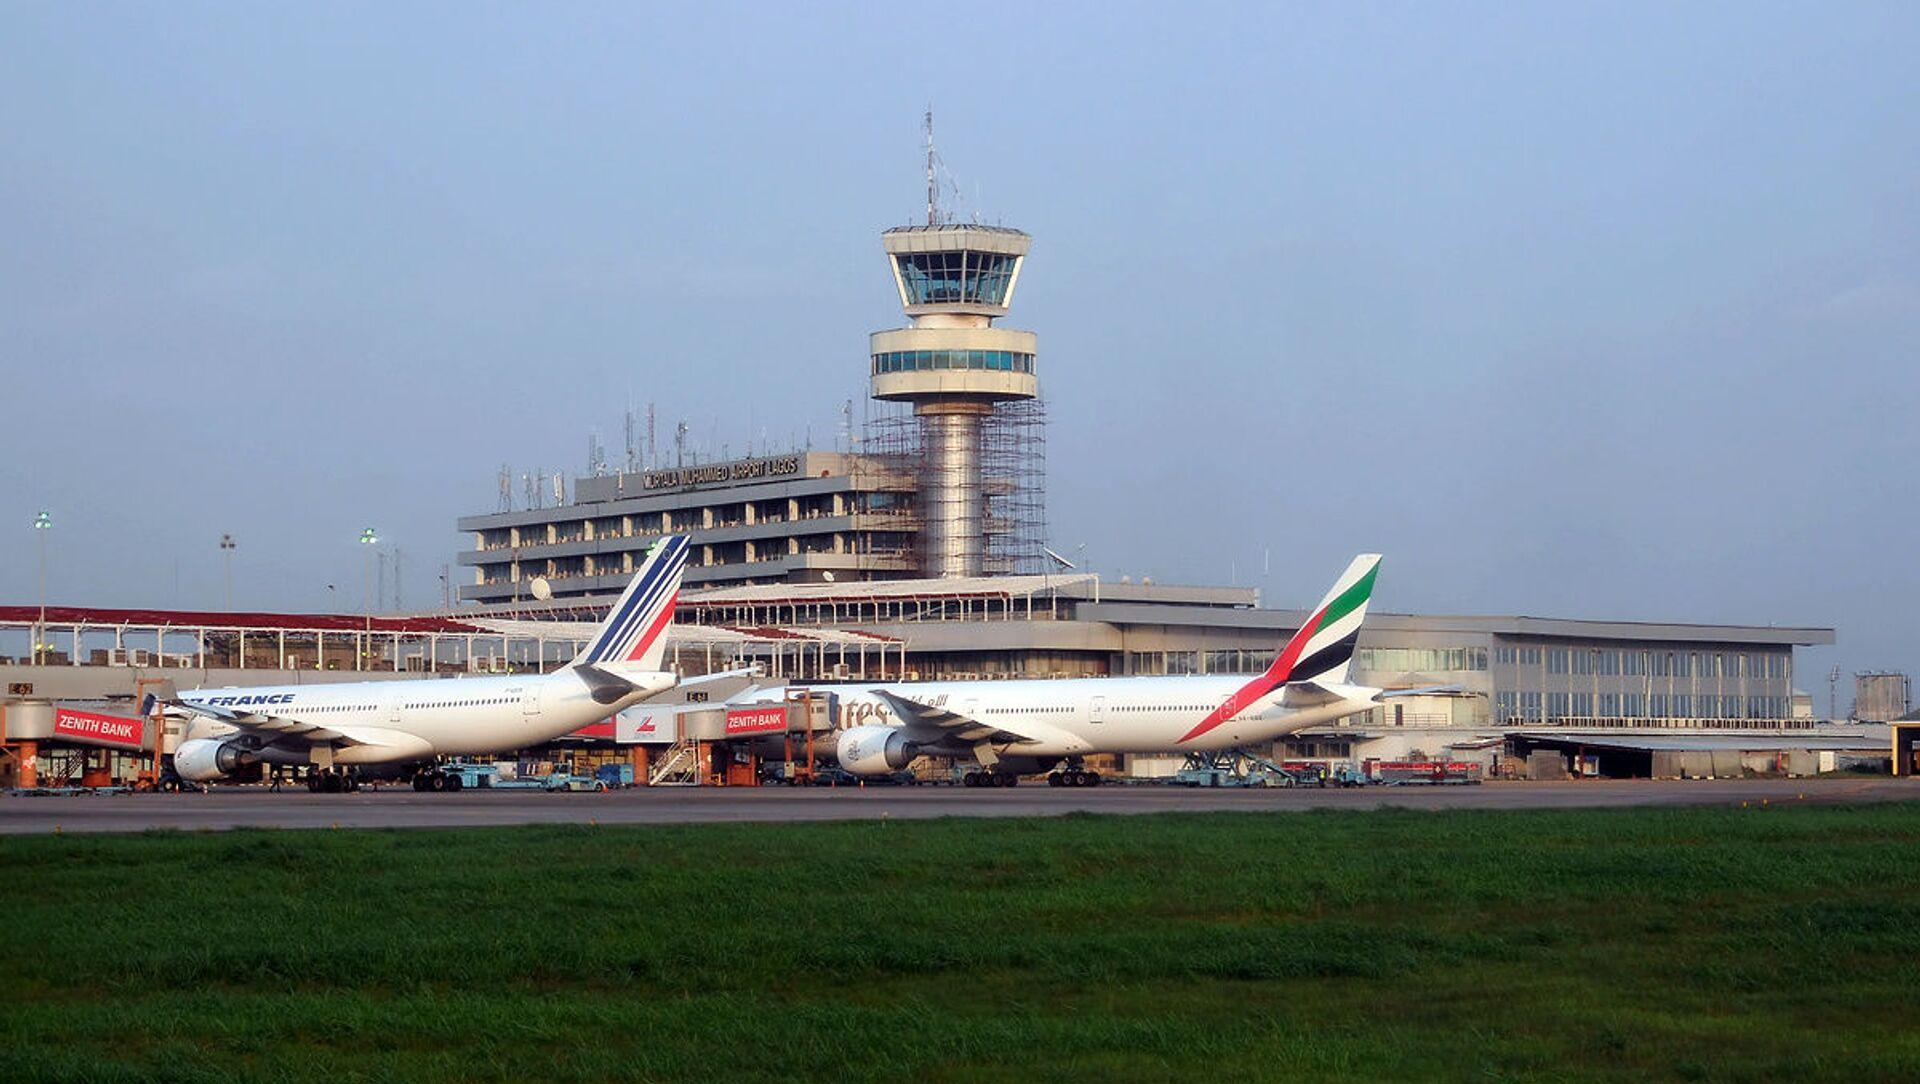 Aeroporto internazionale di Lagos, Nigeria - Sputnik Italia, 1920, 21.02.2021